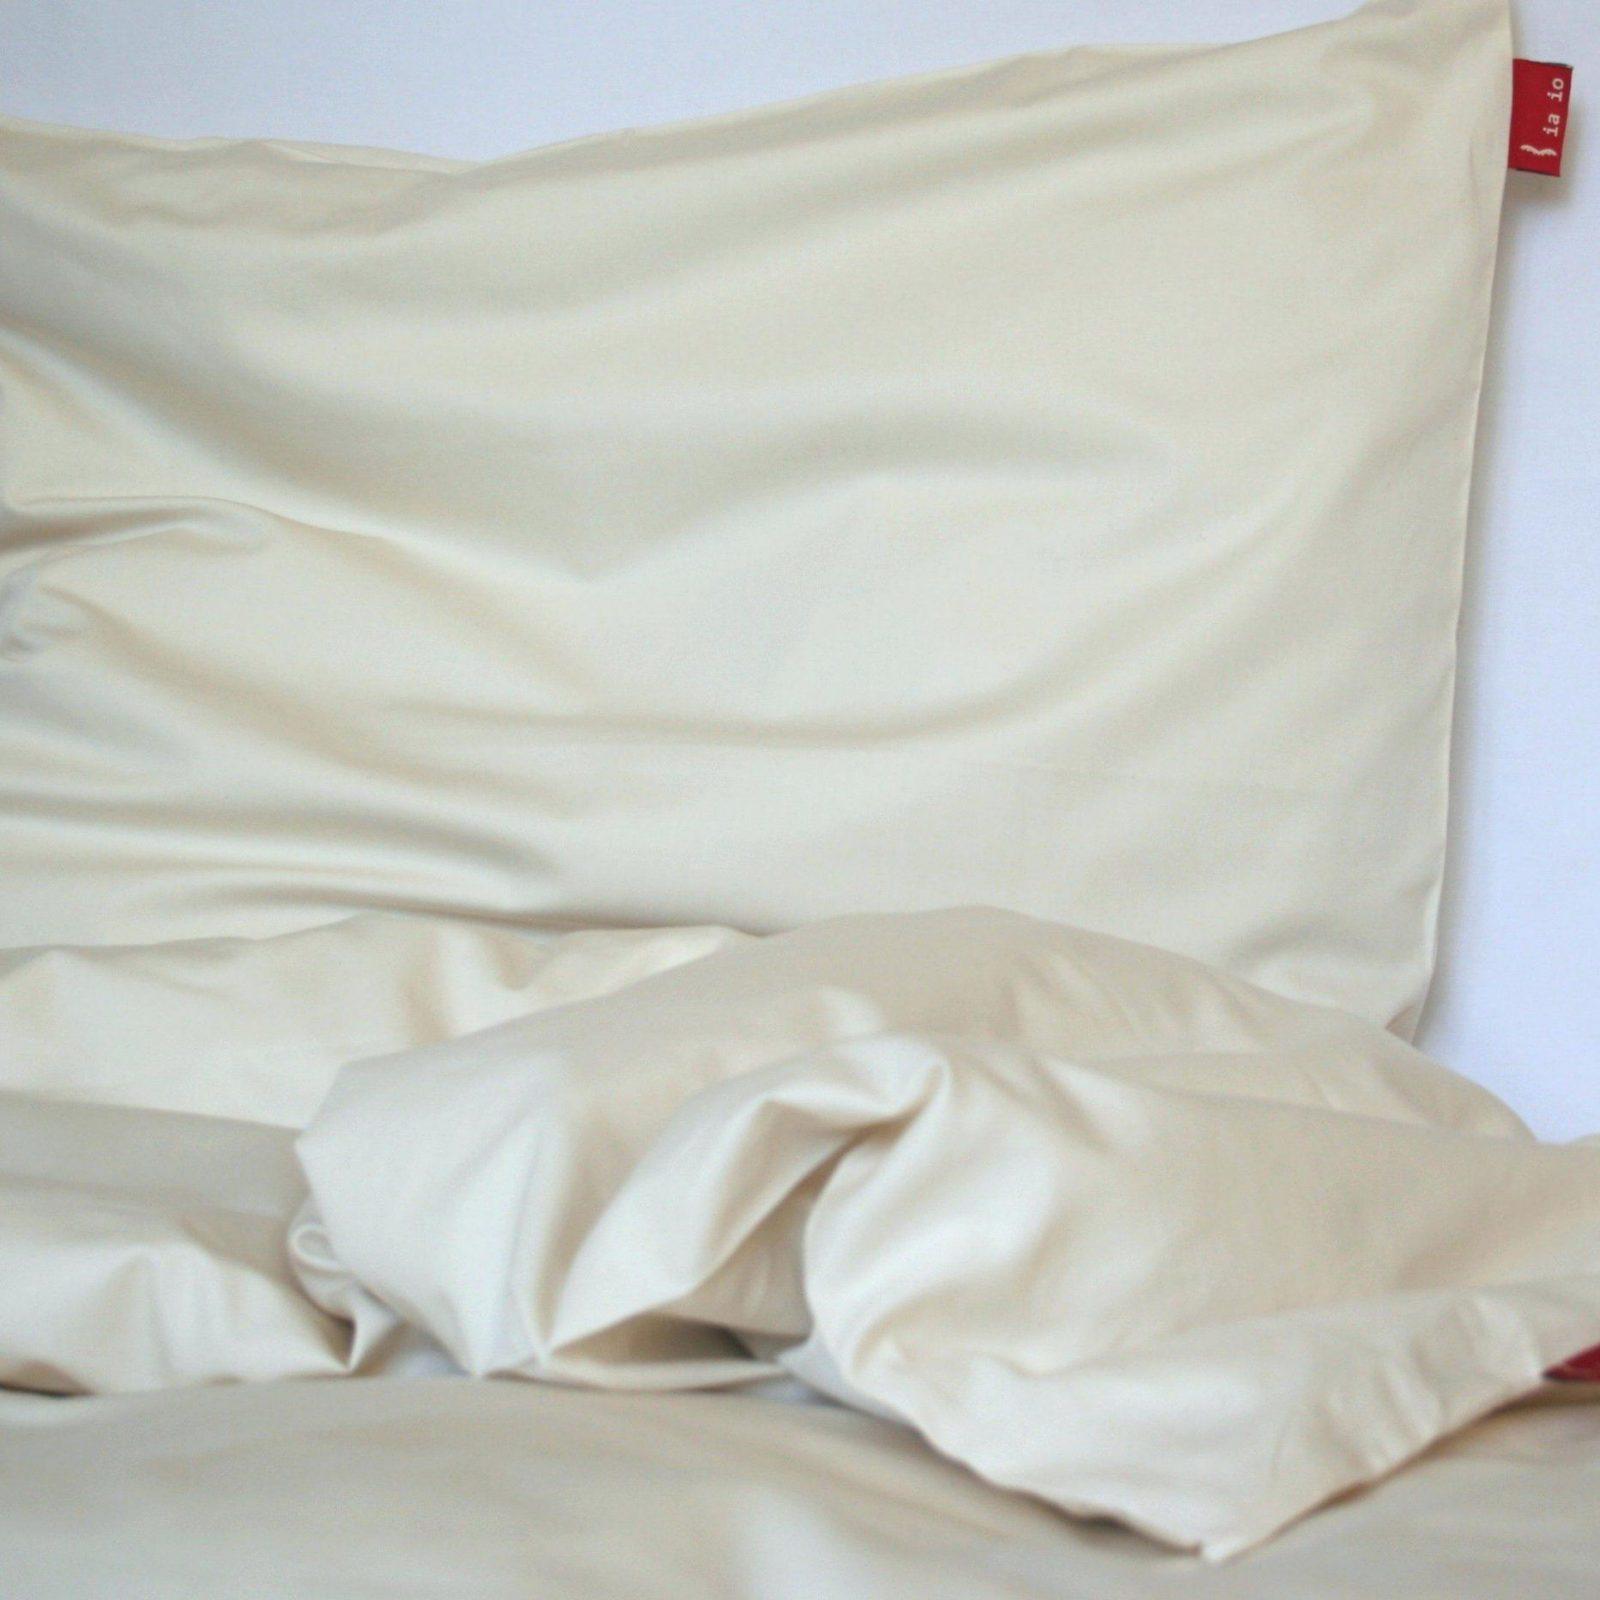 Allergiker Bettwasche Meradisoar Kinder Feinbiber 135 X 200 Cm von Allergiker Bettwäsche Englisch Photo